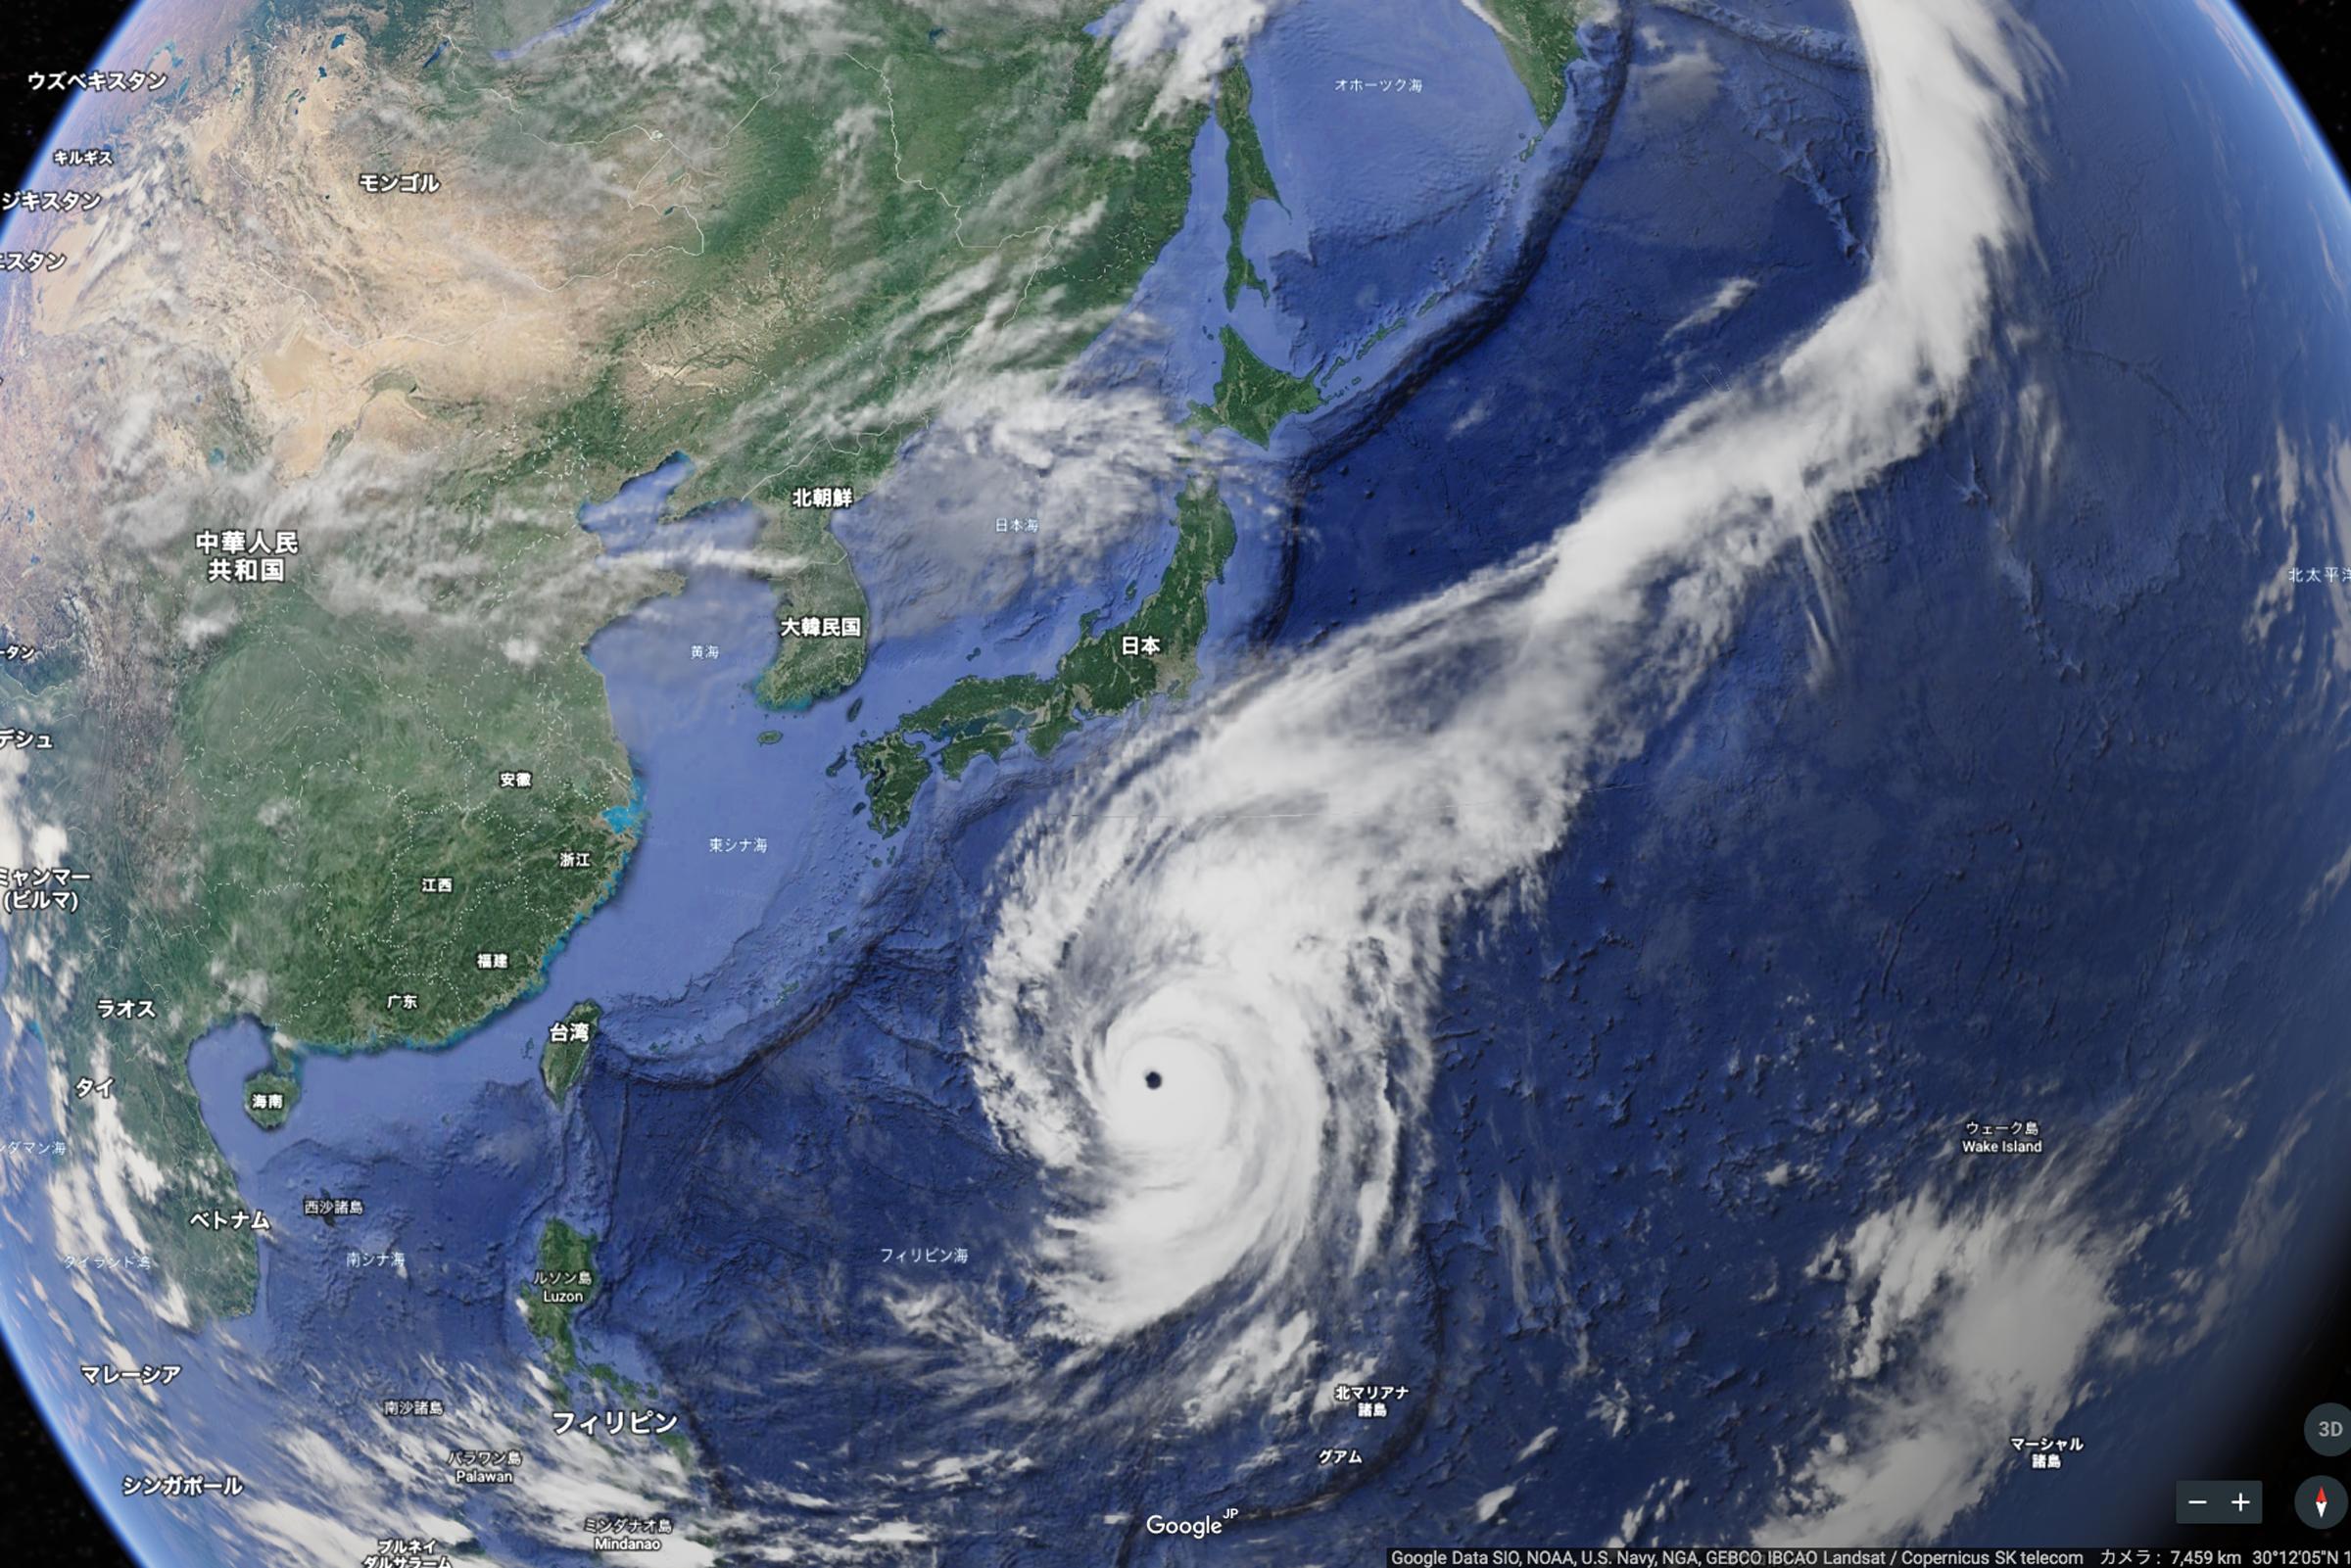 台風のお知らせと備えについて